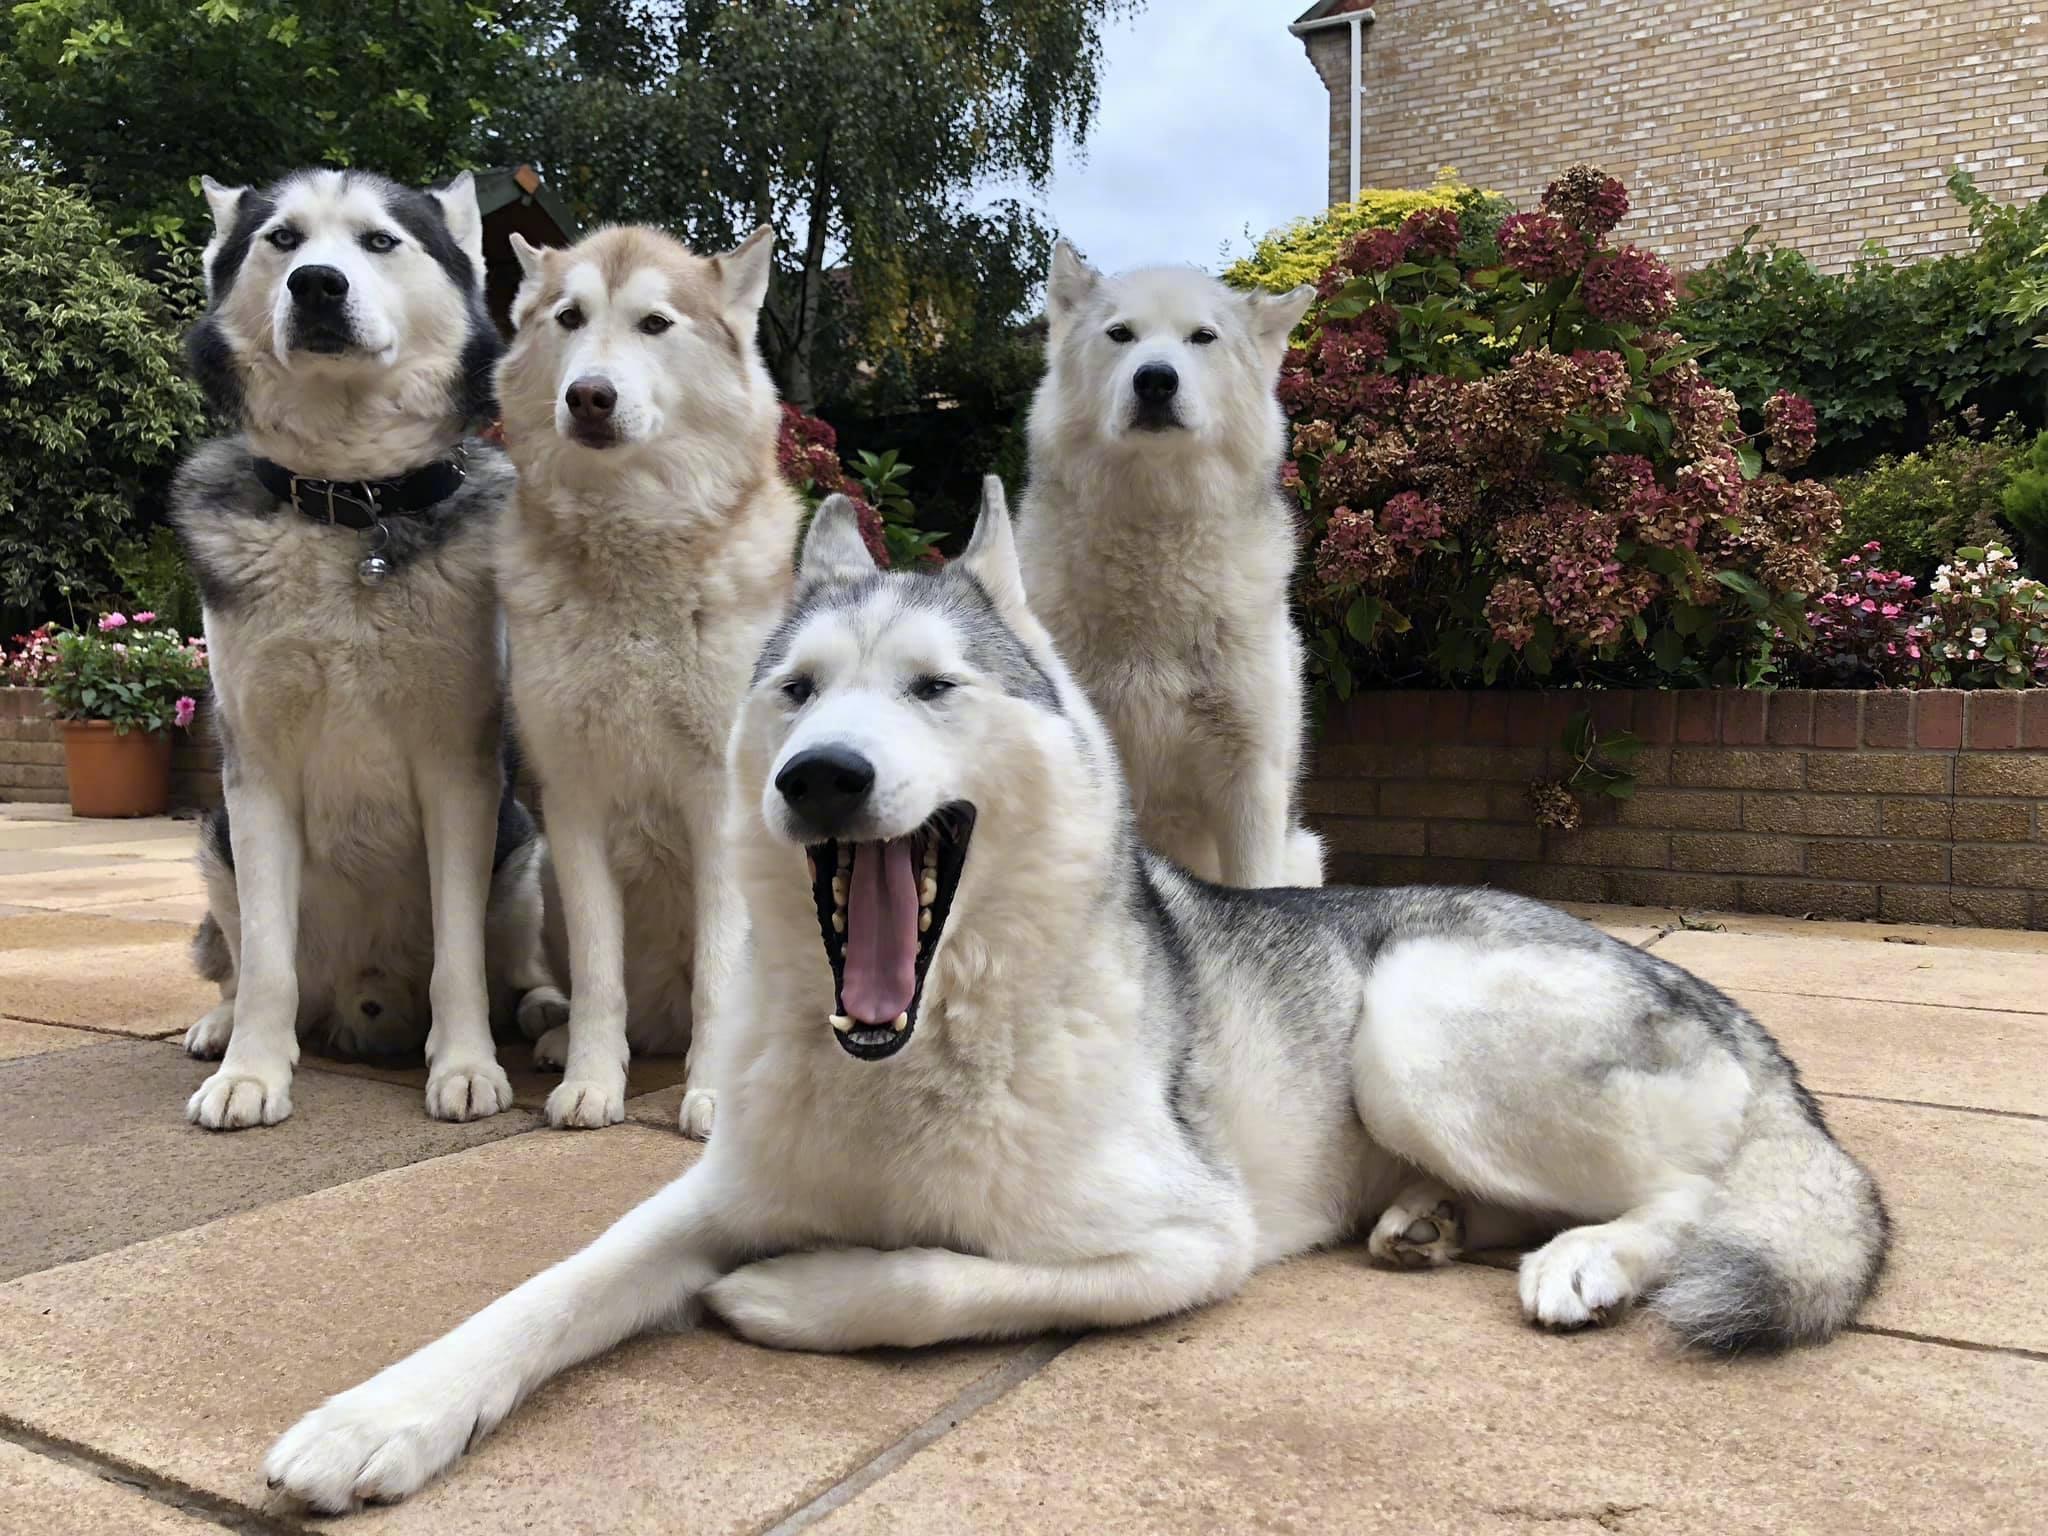 Ảnh đàn chó Husky chứng minh định luật luôn có đứa 'phá game' trong một team